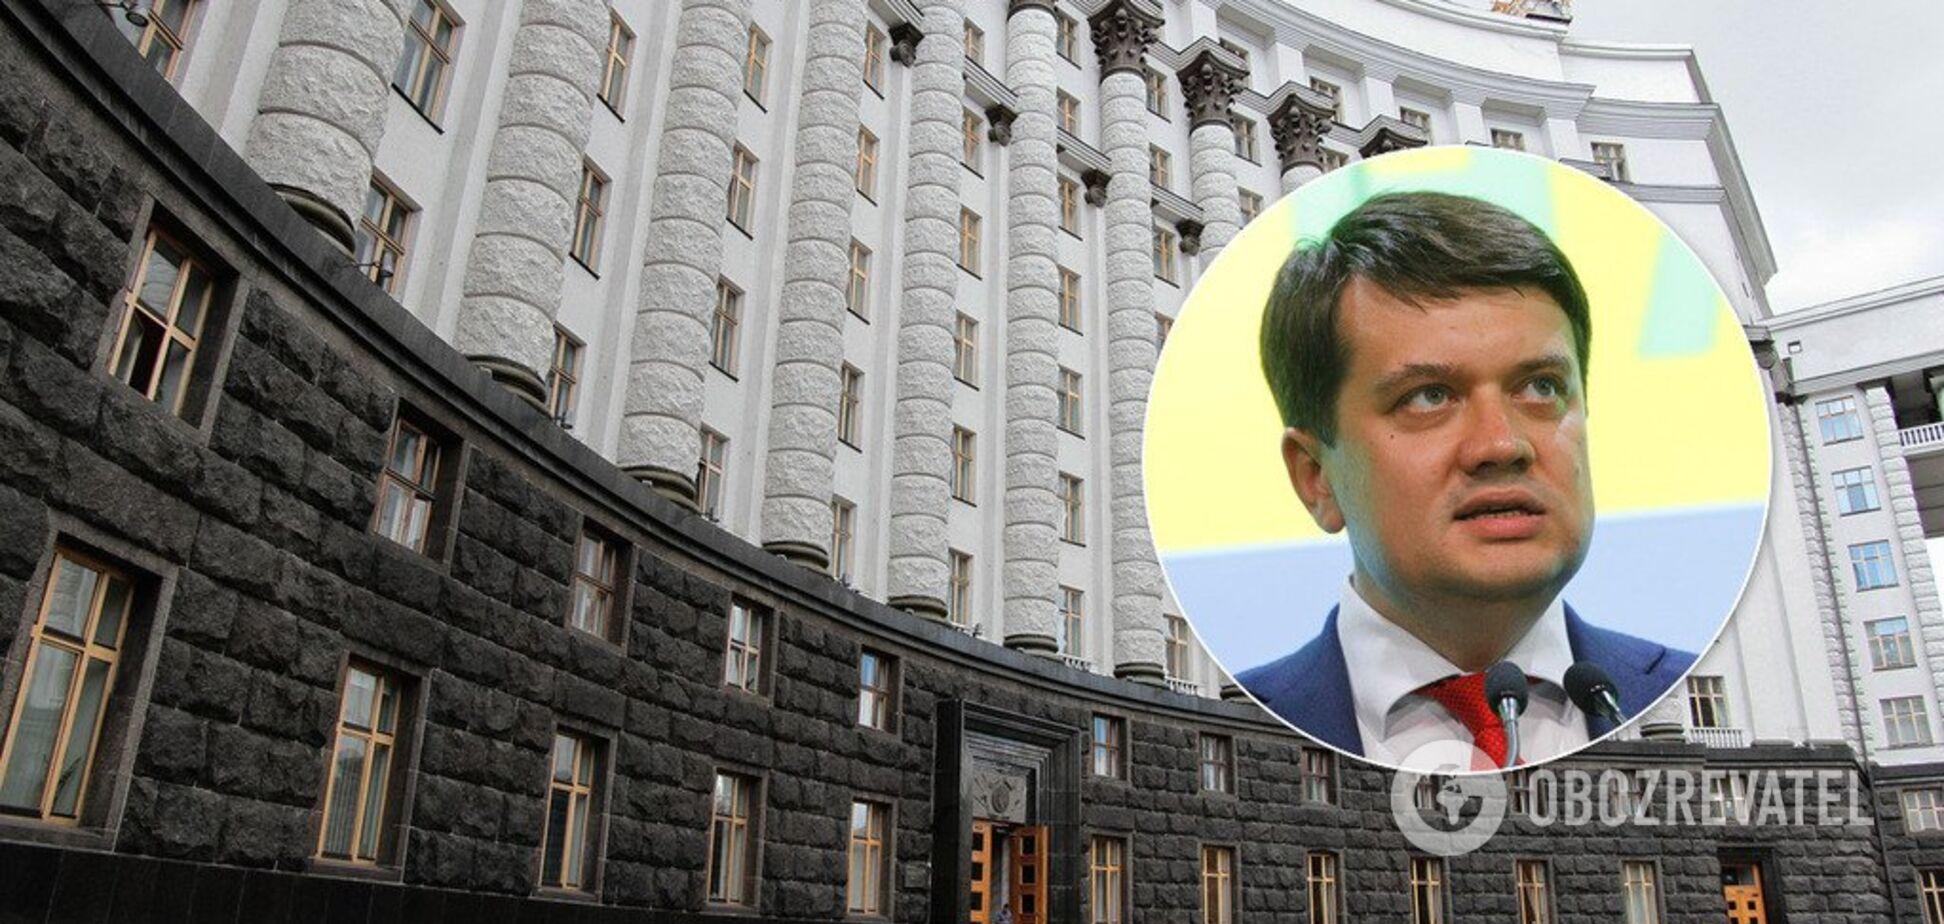 Кабмін по-новому: які міністерства ліквідують у Зеленського